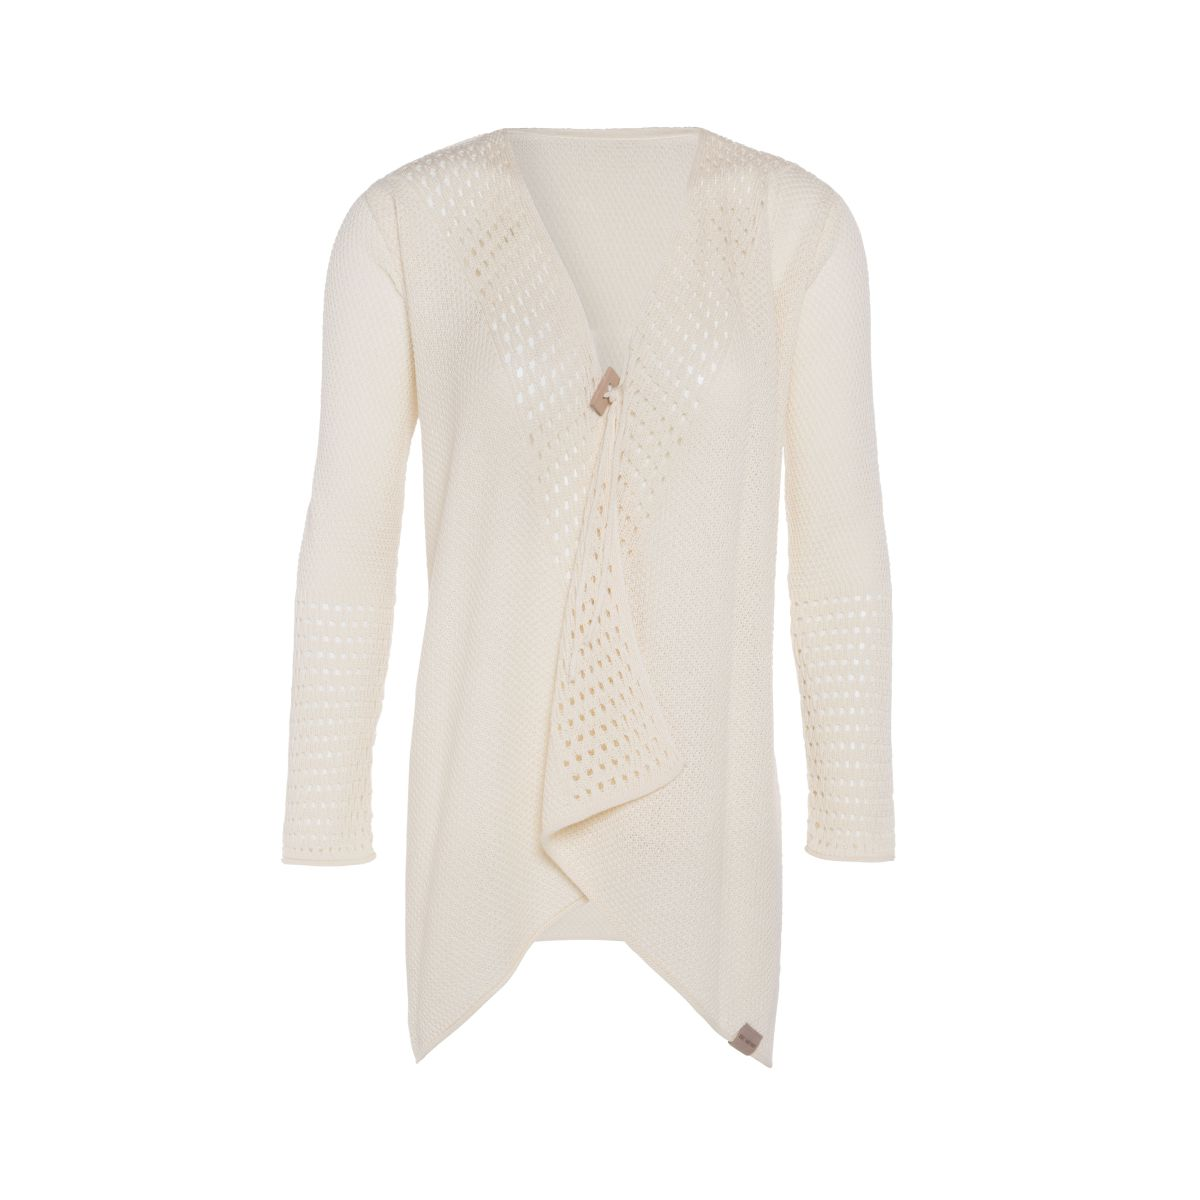 april knitted cardigan ecru 3638